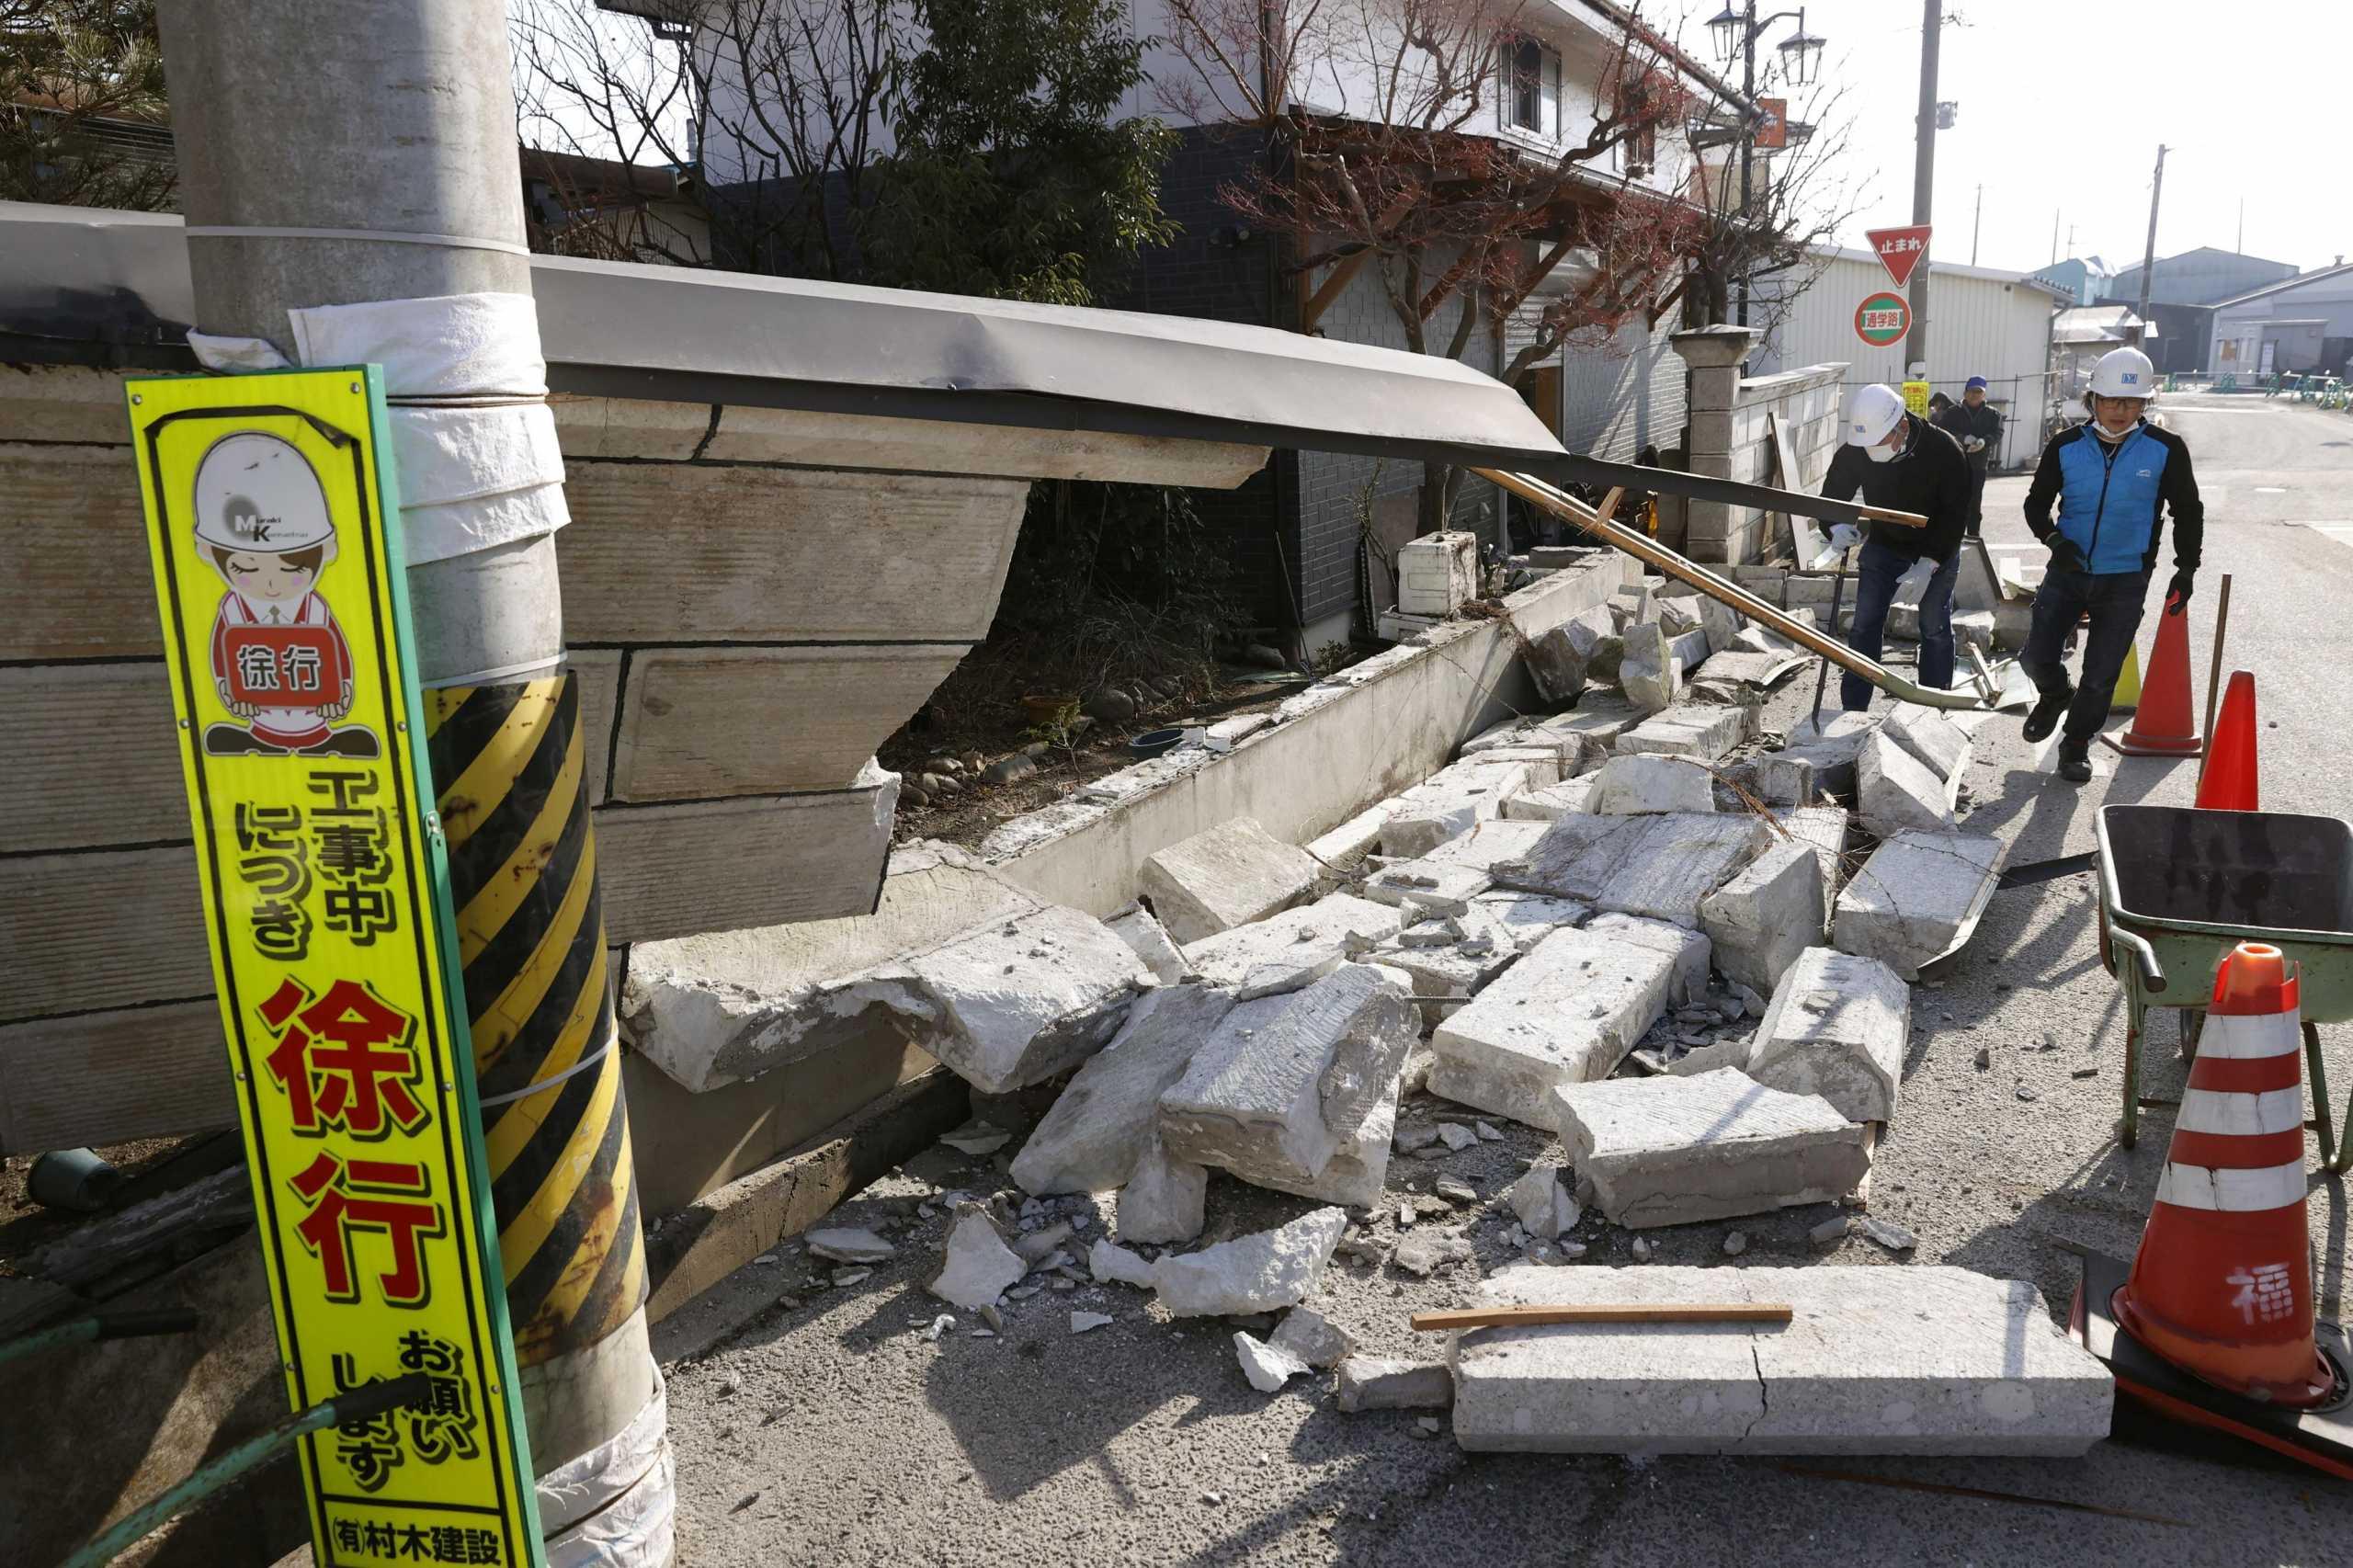 Ο ισχυρός σεισμός στην Ιαπωνία ξύπνησε μνήμες του 2011 – Δεκάδες τραυματίες